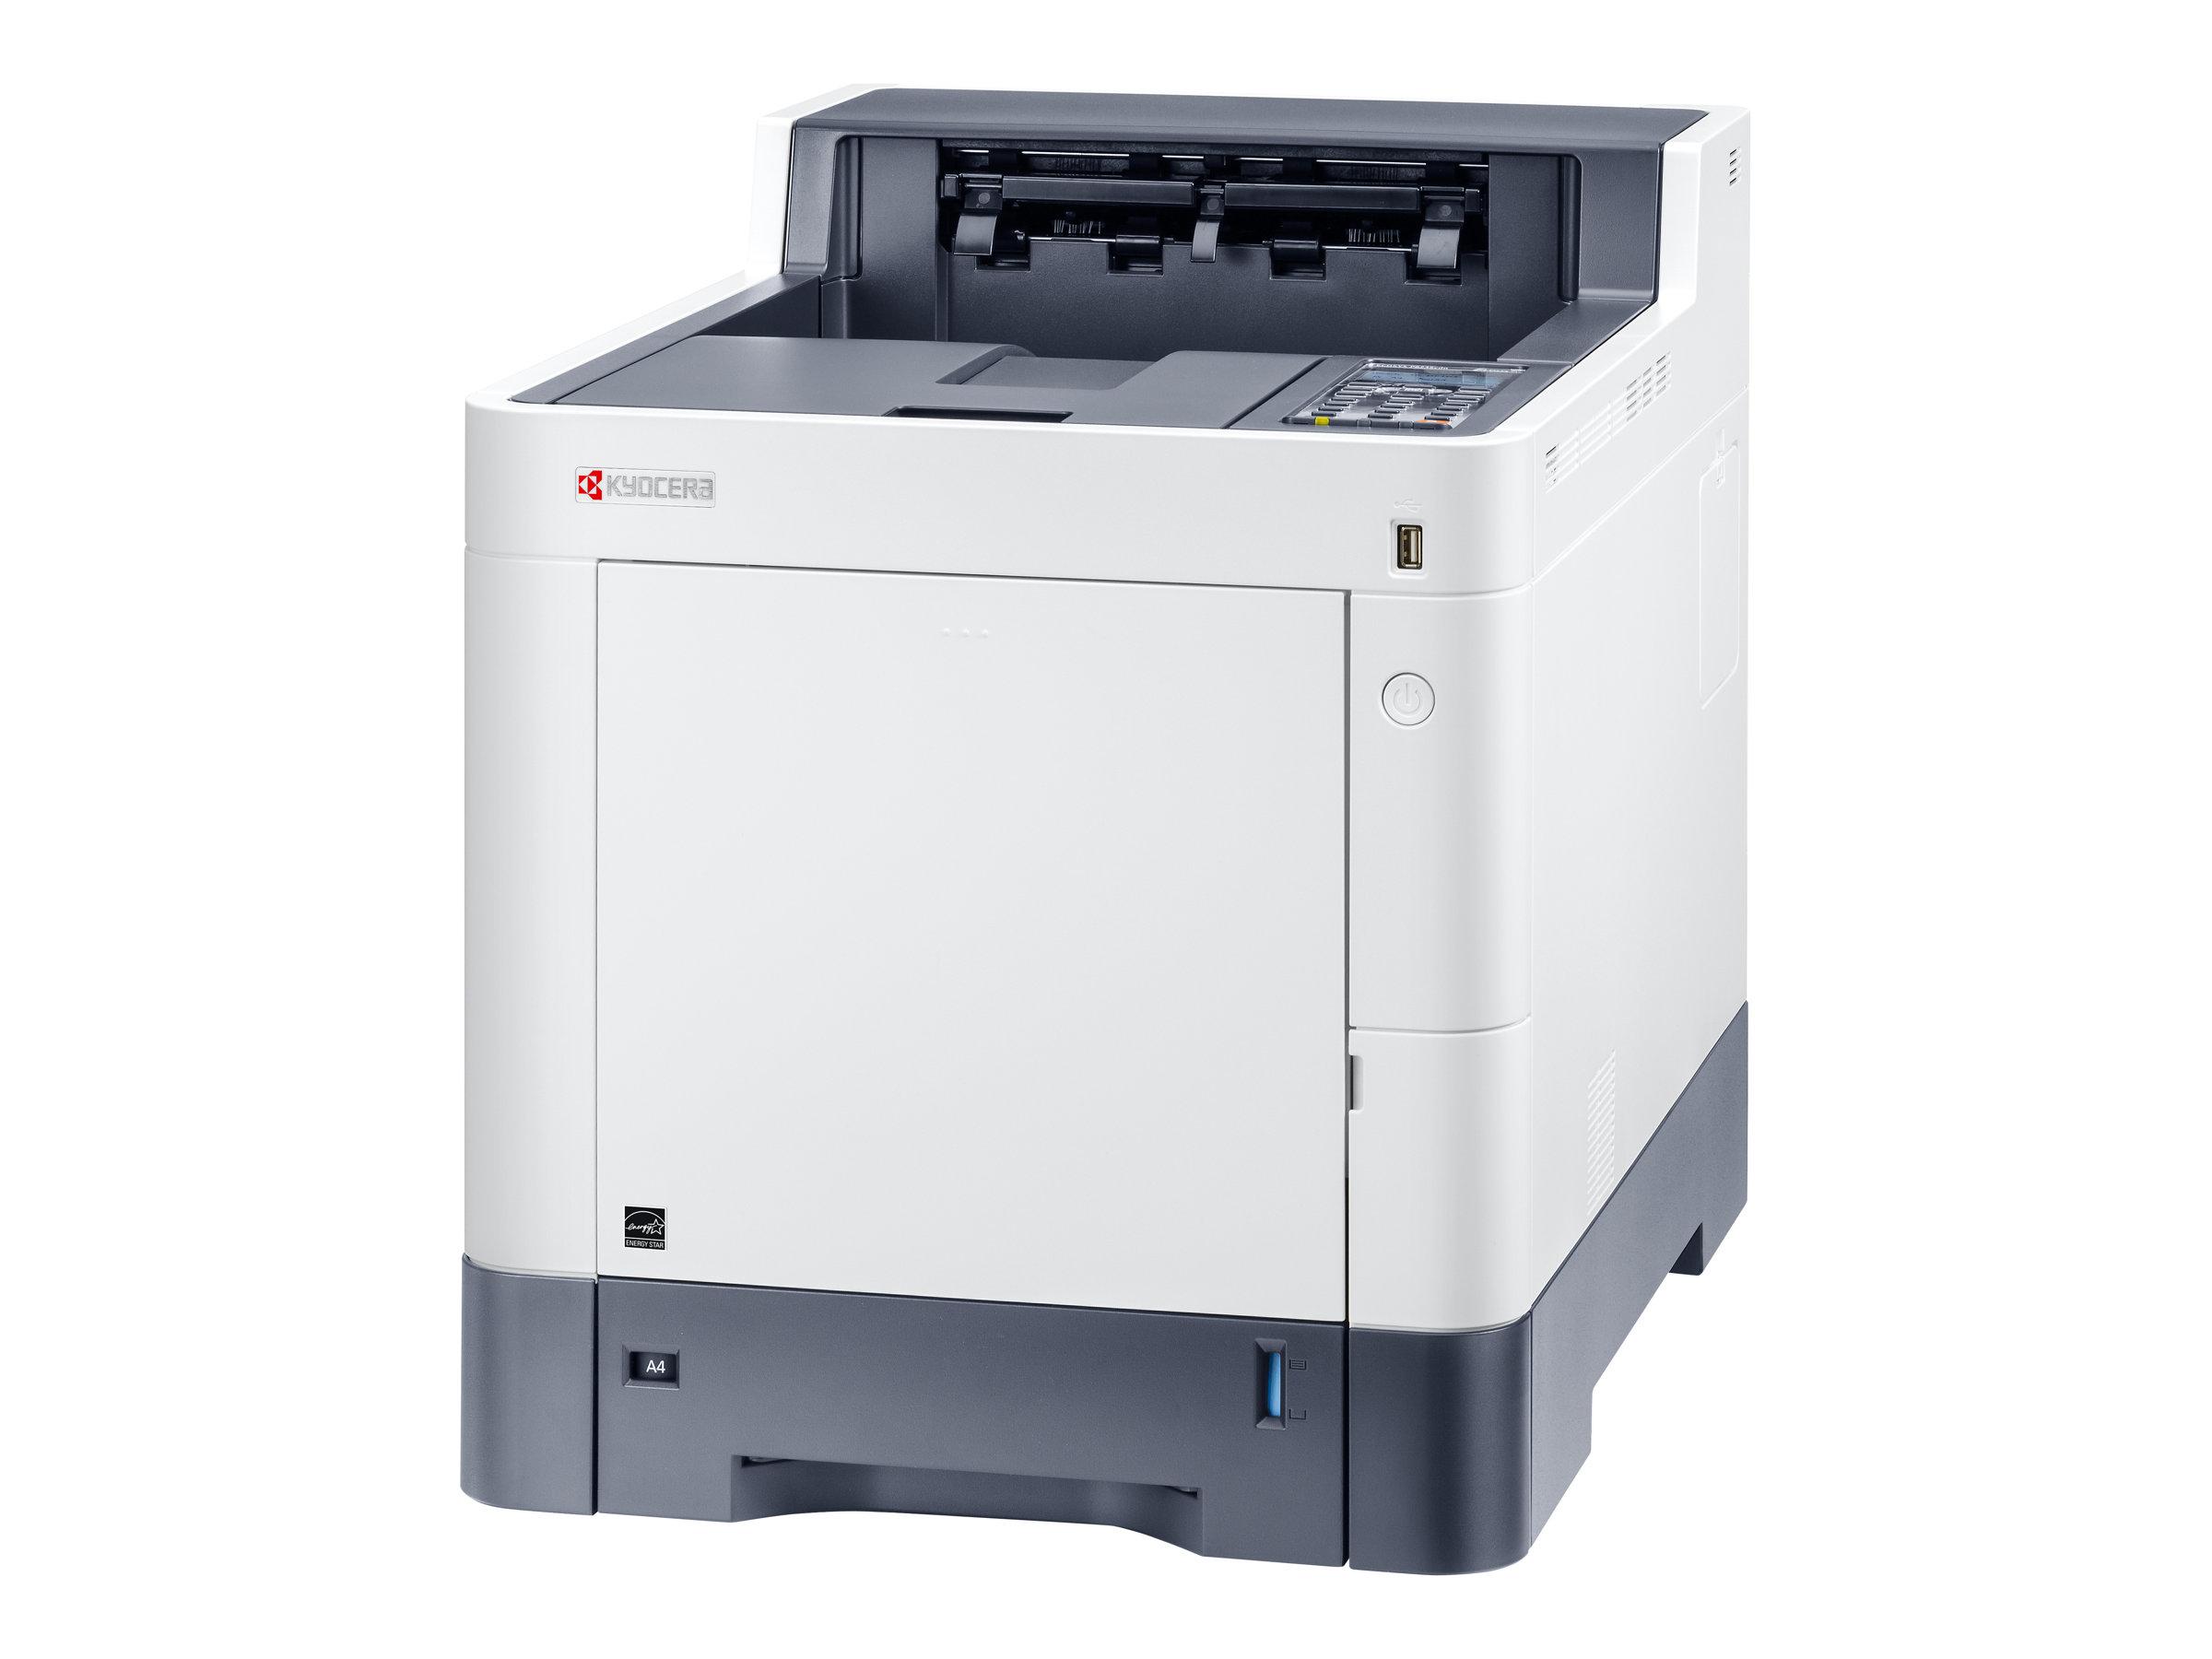 Kyocera ECOSYS P7240cdn - Drucker - Farbe - Duplex - Laser - A4/Legal - 1200 x 1200 dpi - bis zu 40 Seiten/Min. (einfarbig)/